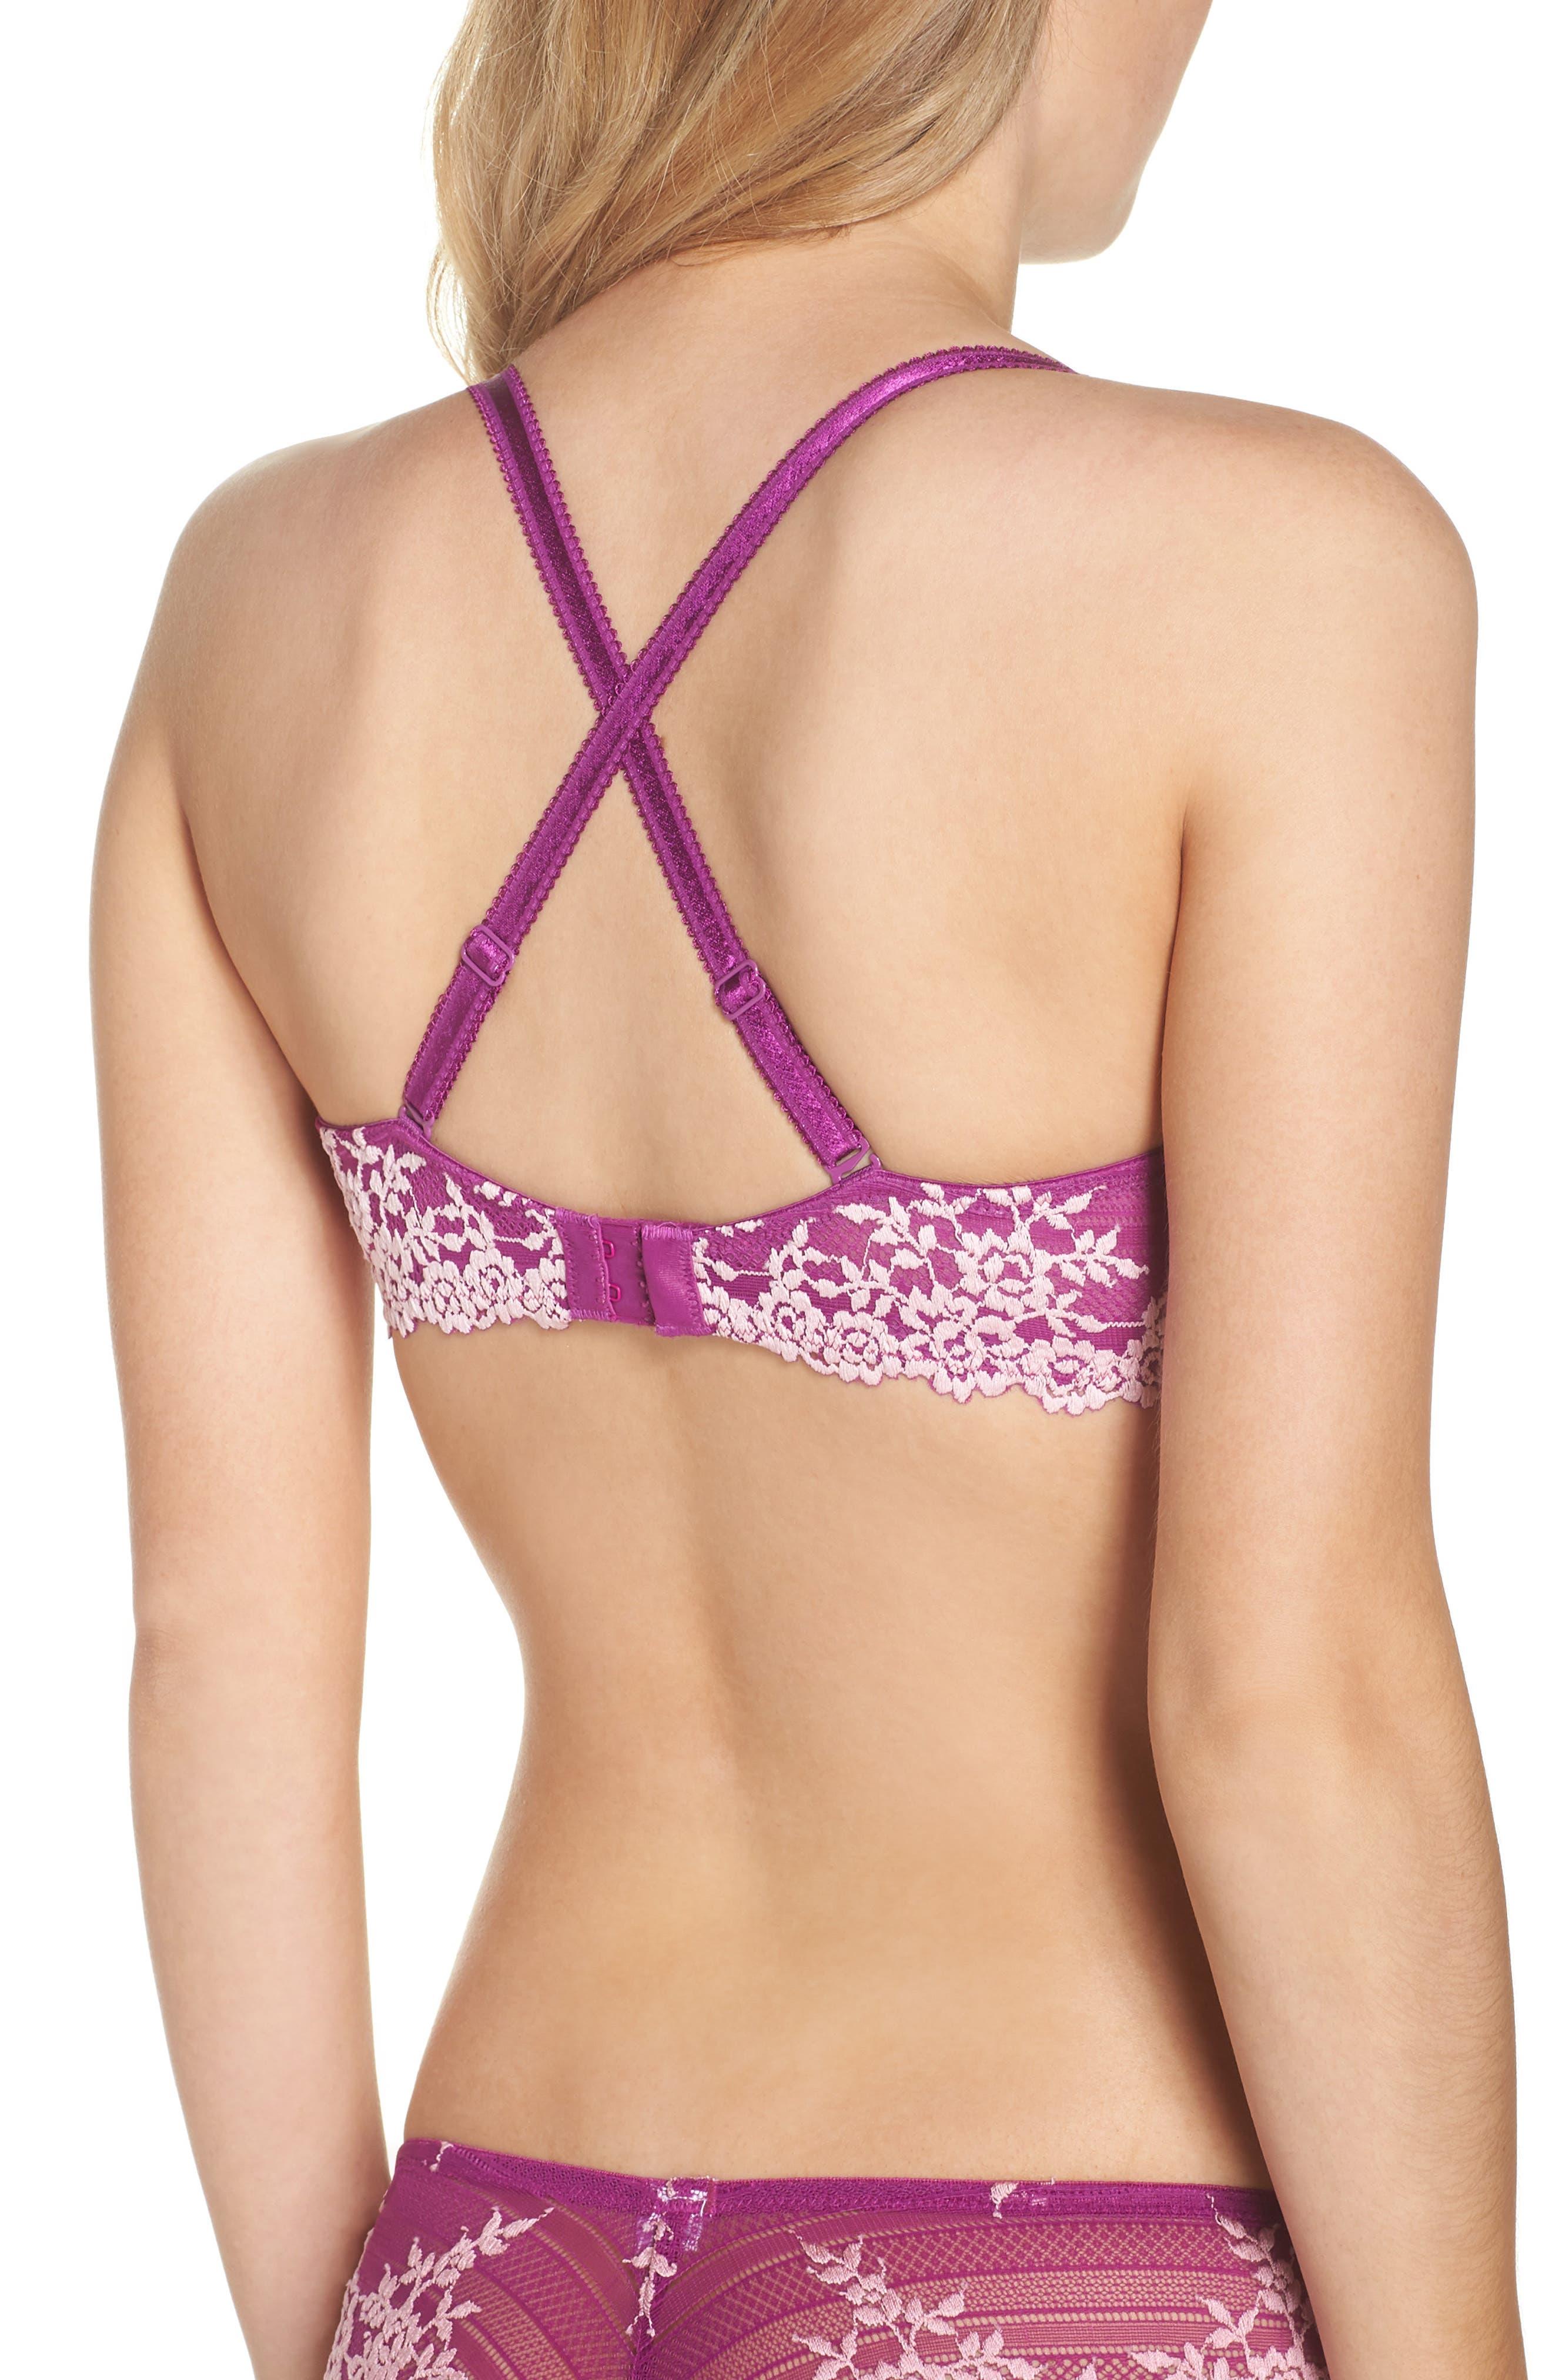 Embrace Lace Underwire Contour Bra,                             Alternate thumbnail 3, color,                             Hollyhock/ Chalk Pink